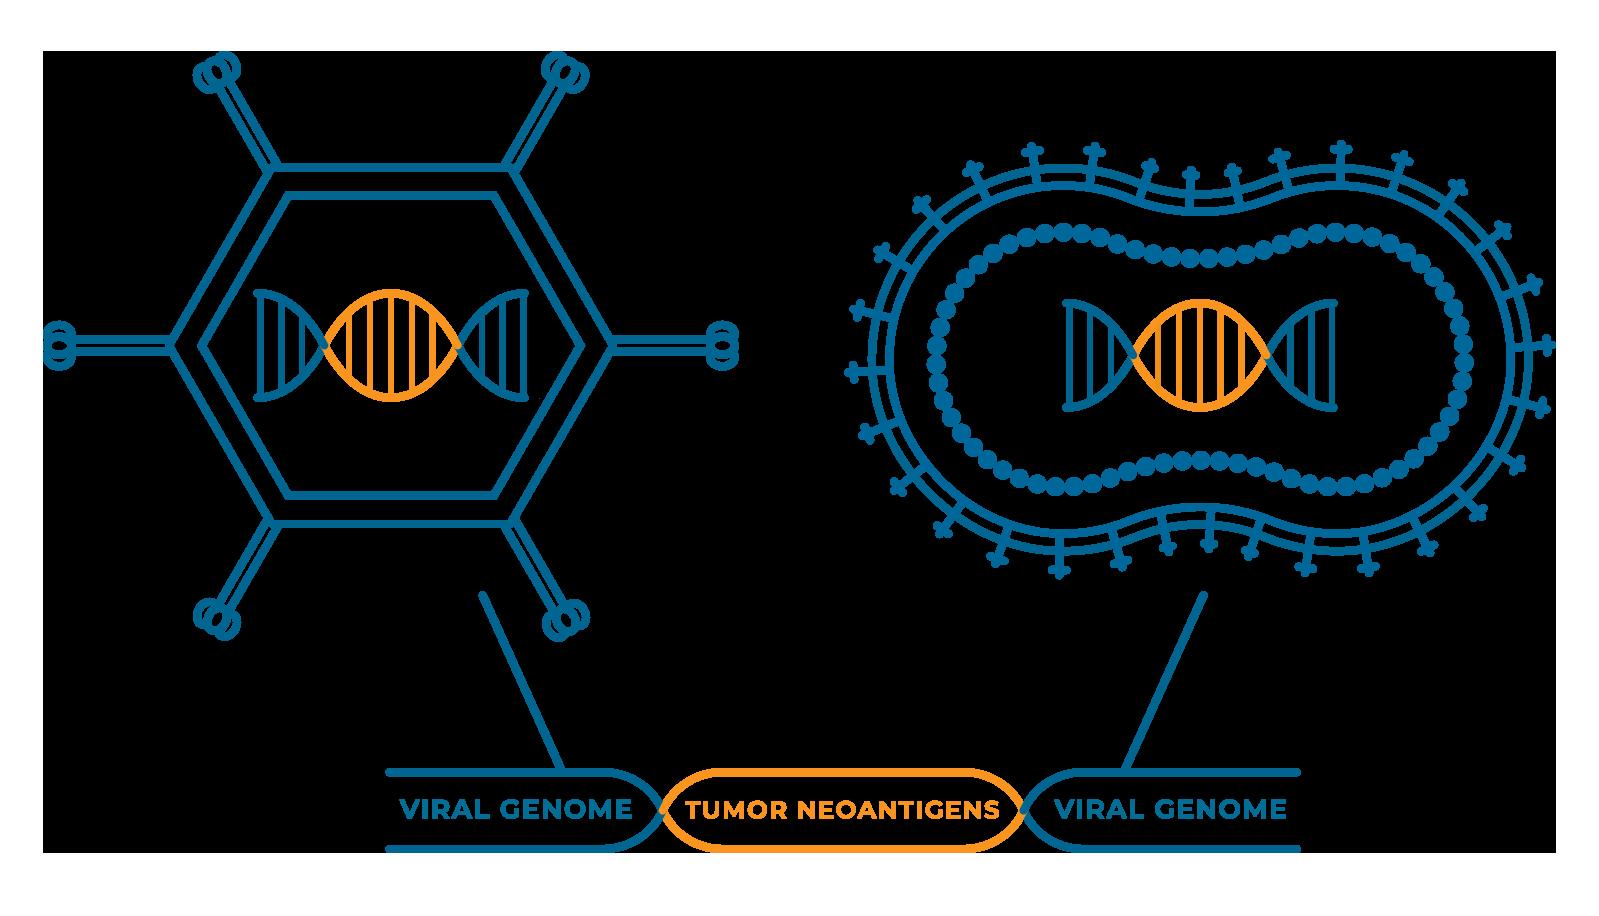 Nouscom • Re-defining innovation